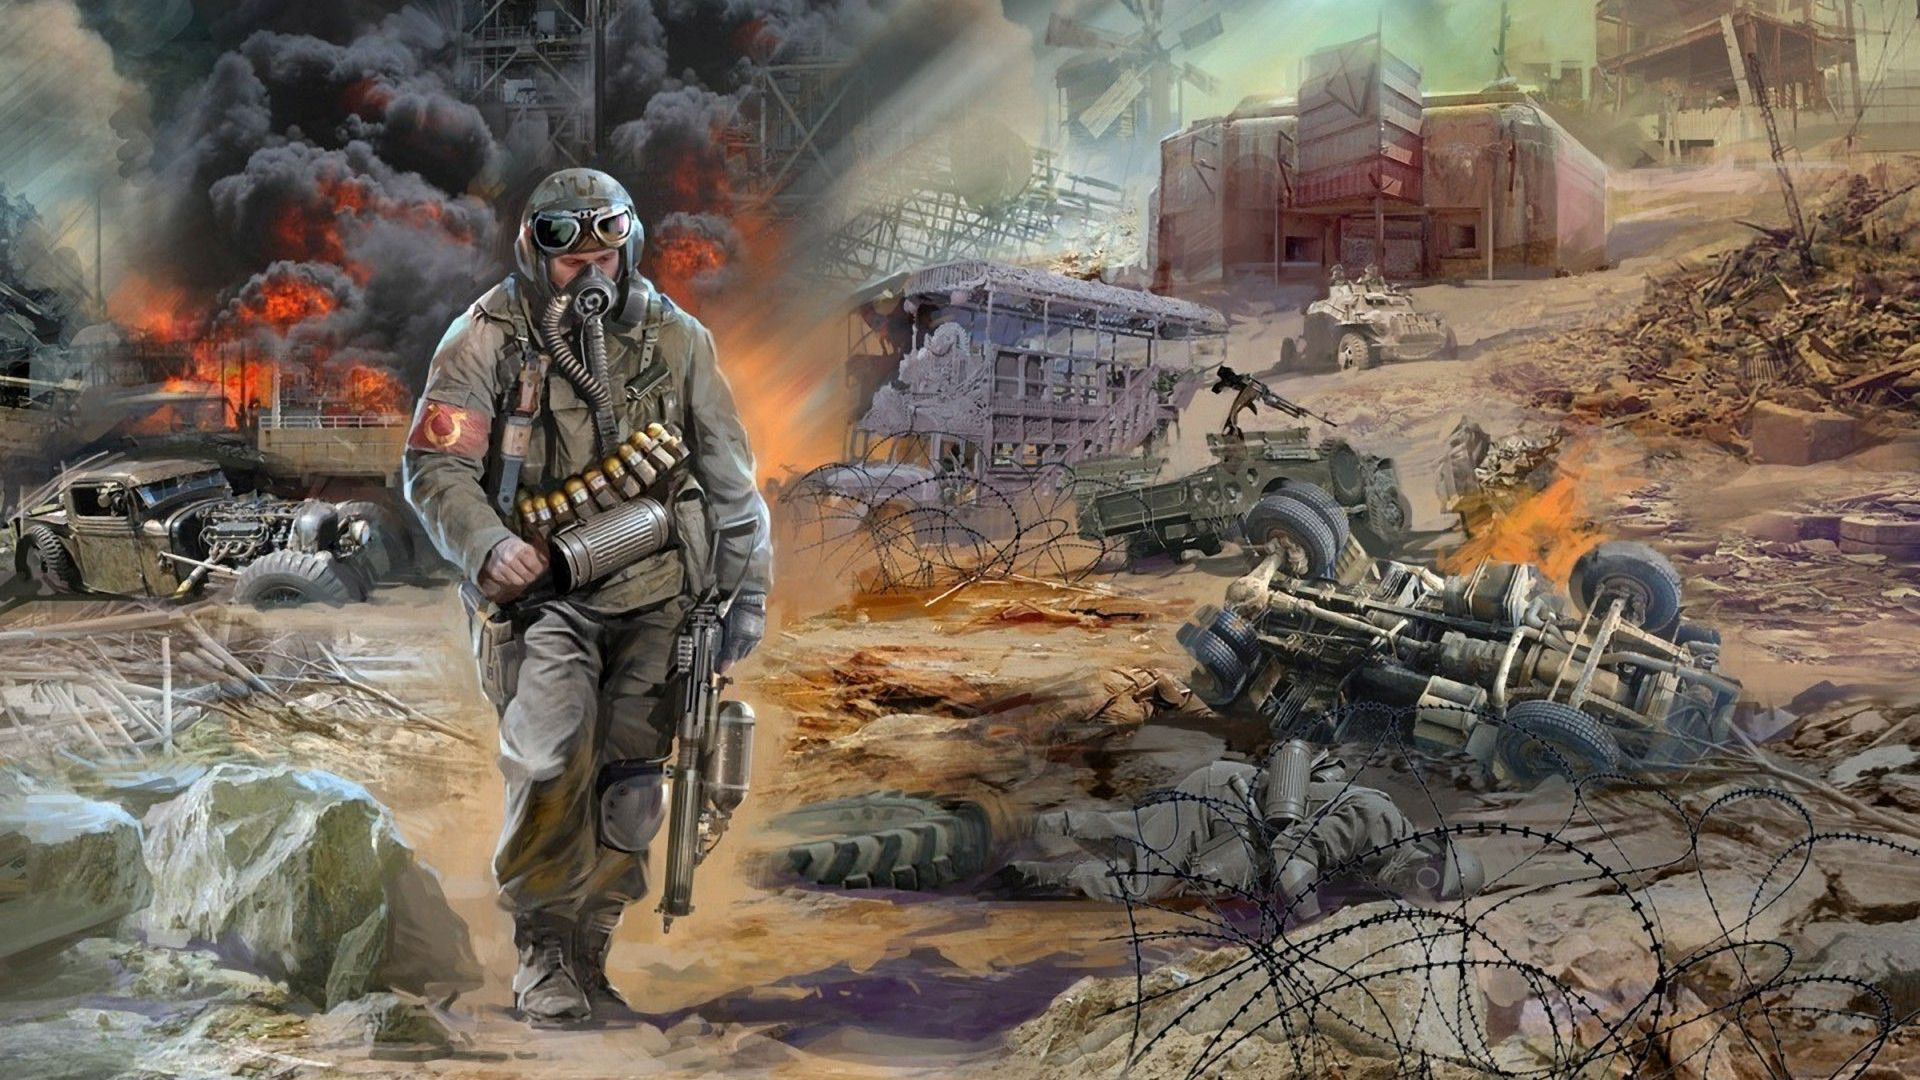 Stalker Shadow Of Chernobyl Wallpaper Hd Imashon Com Illustration Adobe Illustrator Stalker